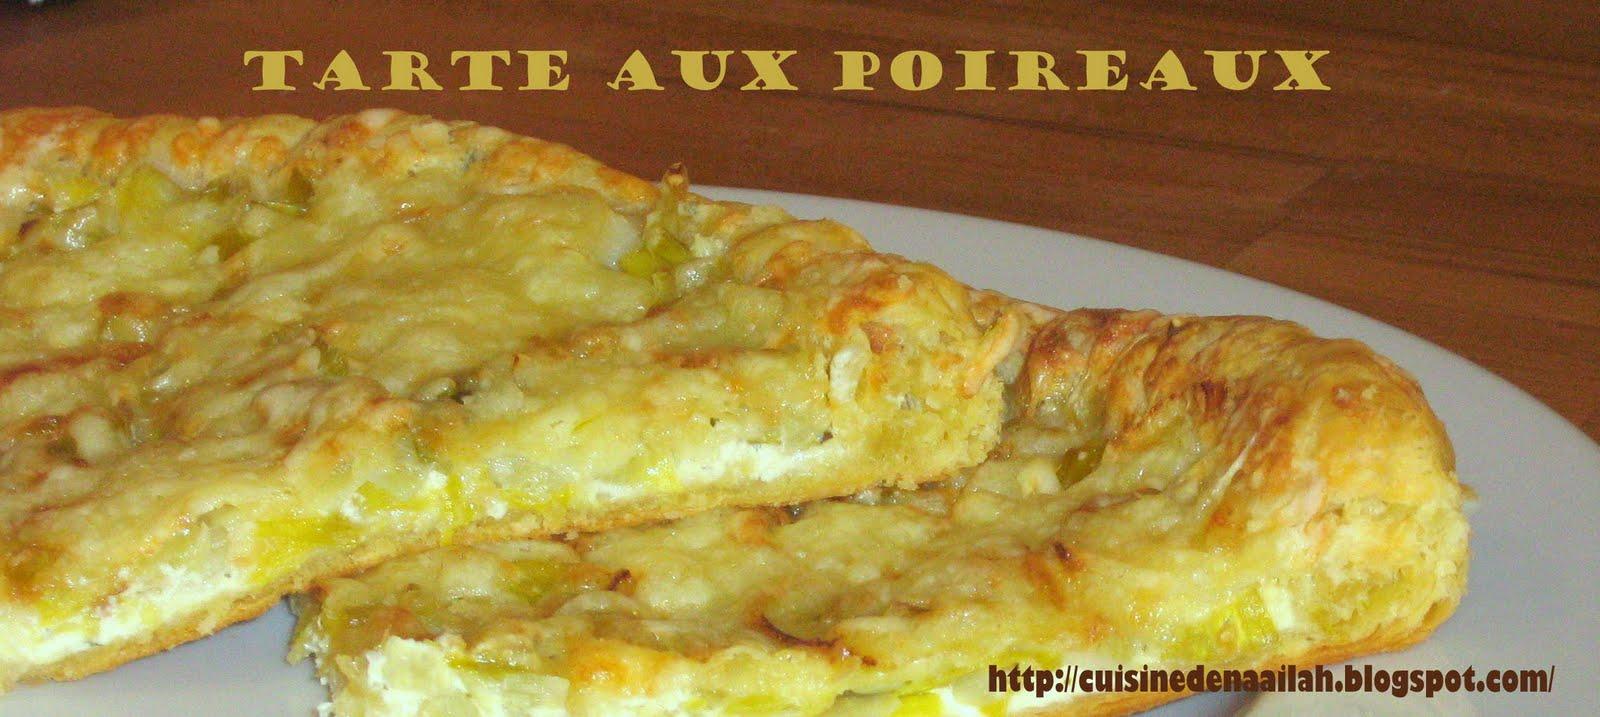 Les essais culinaires de naailah tarte aux poireaux - Tarte aux poireaux legere ...